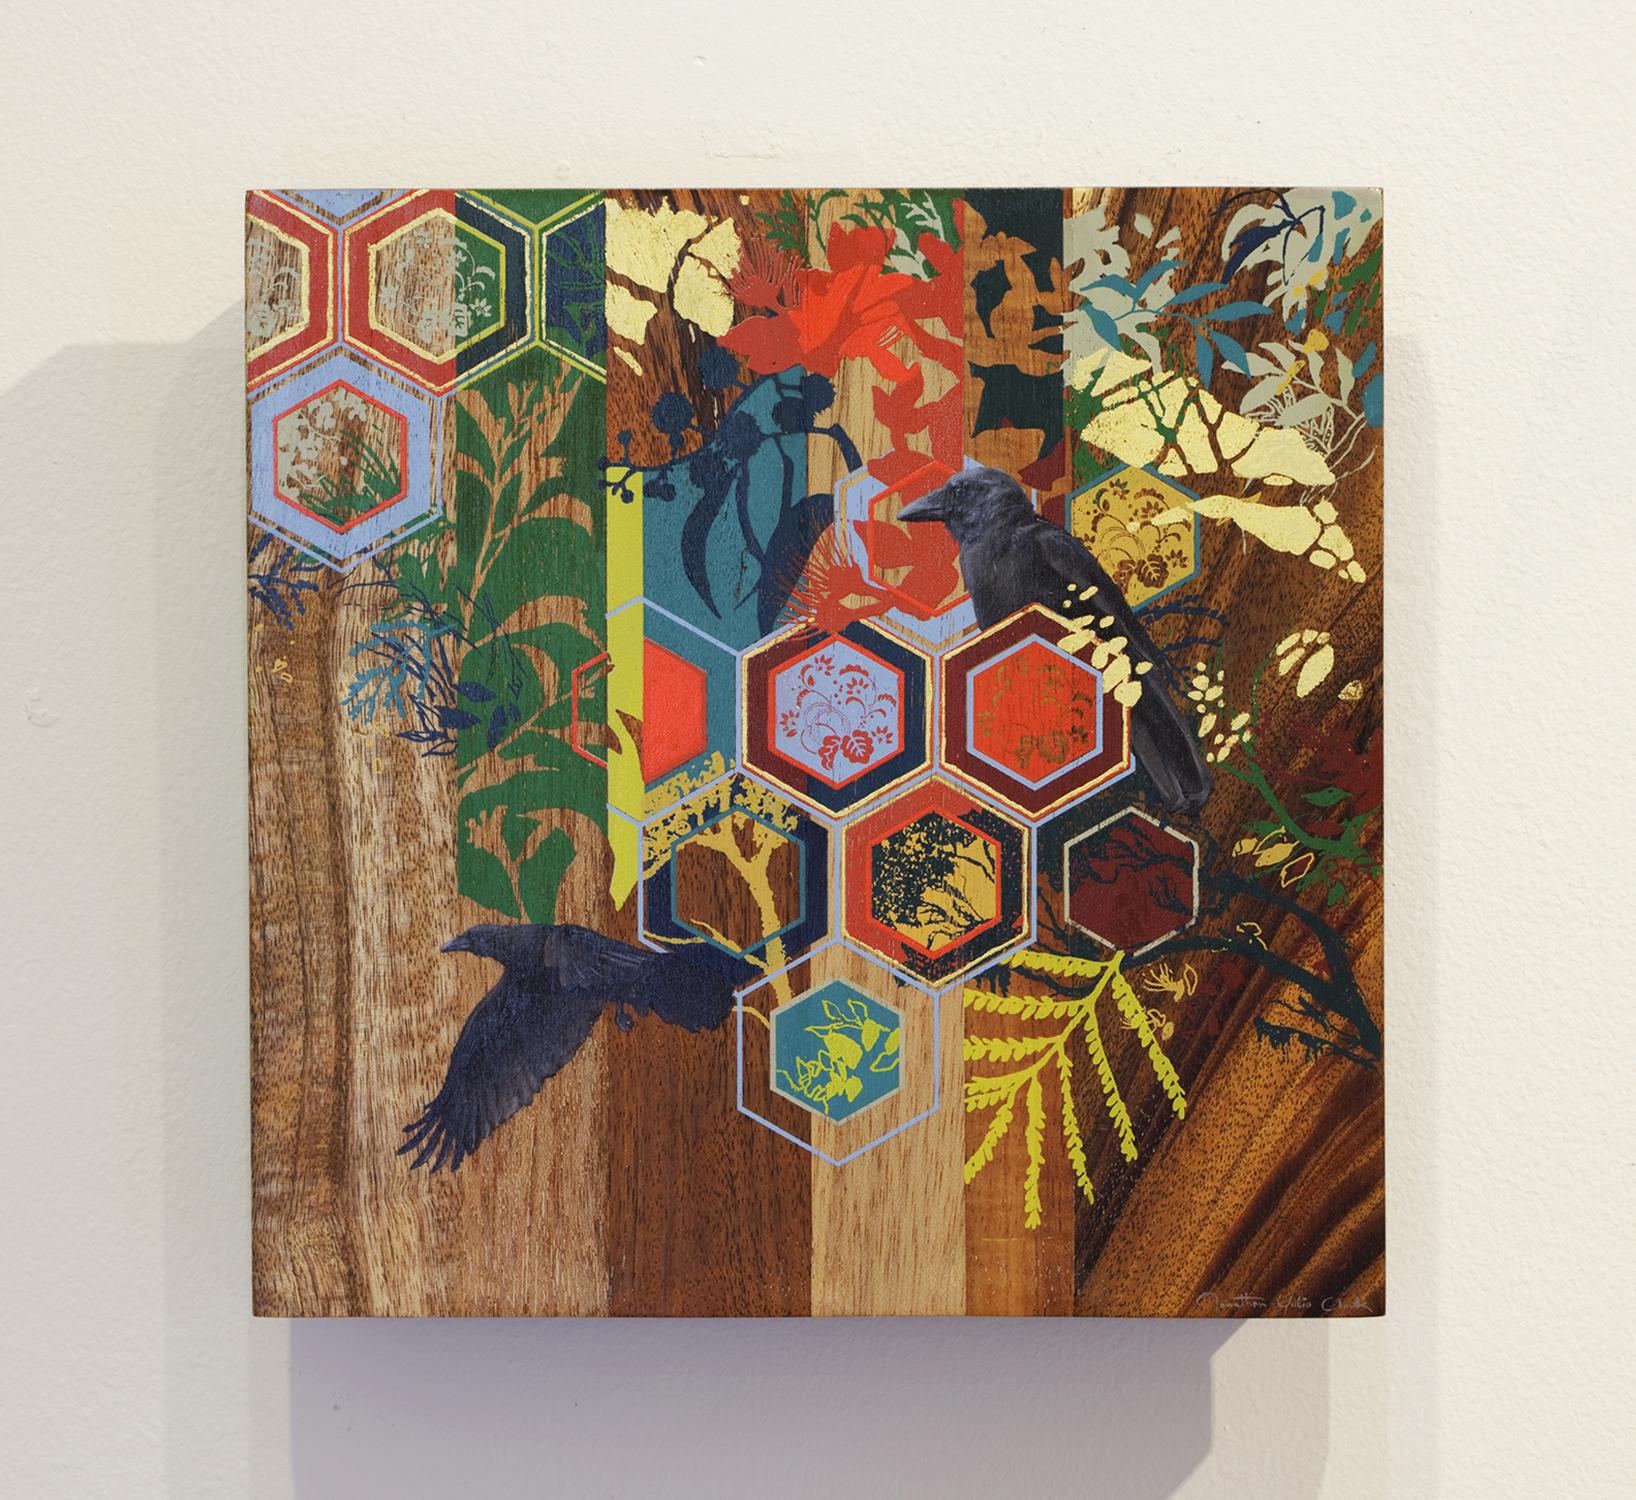 Growth   oil, silkscreen print on hardwood  2013  11 x 11 in